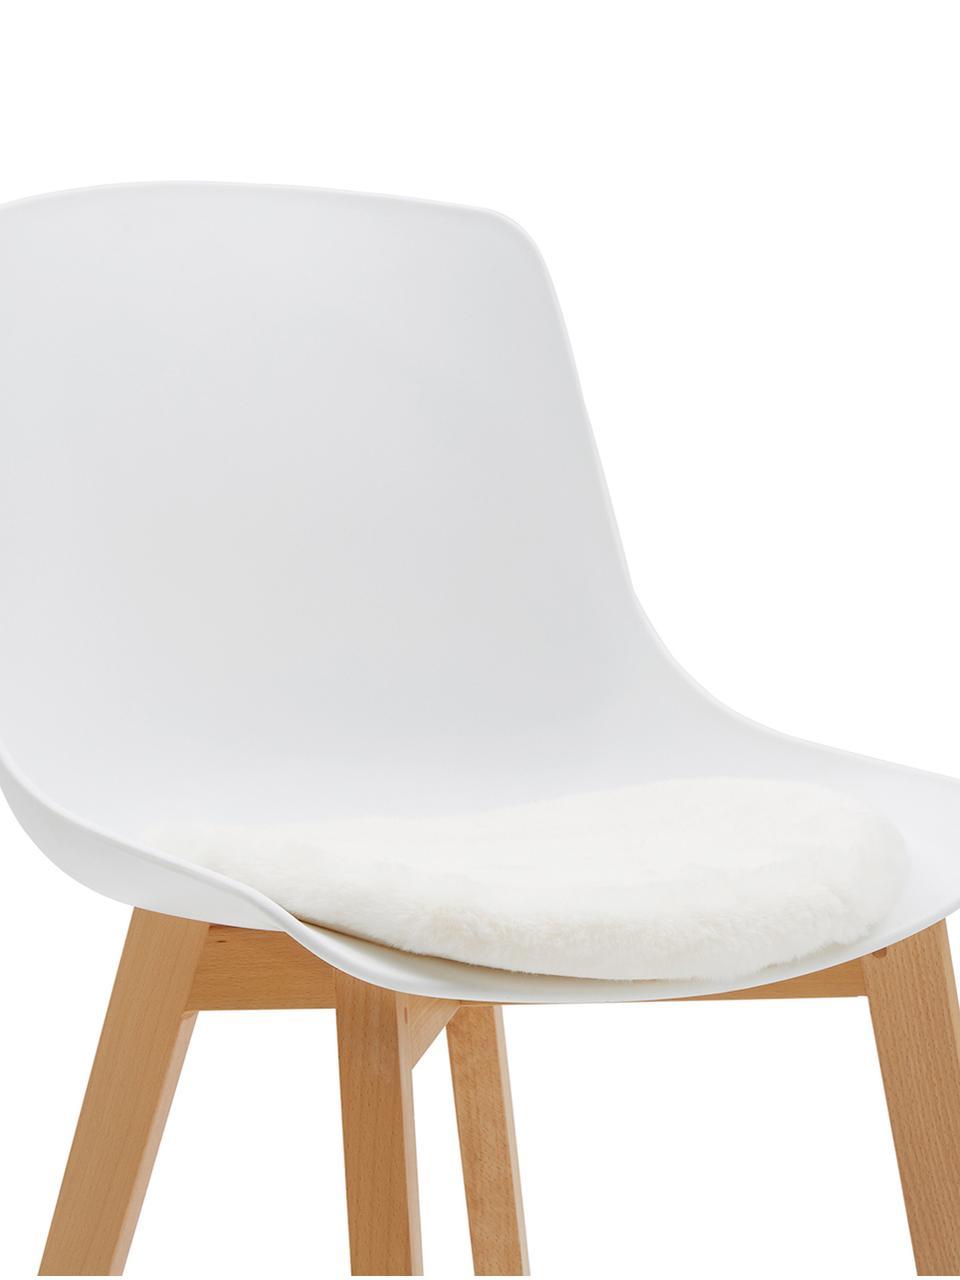 Runde Kunstfell-Sitzauflage Mette, glatt, Vorderseite: 100% Polyester, Rückseite: 100% Polyester, Creme, Ø 37 cm